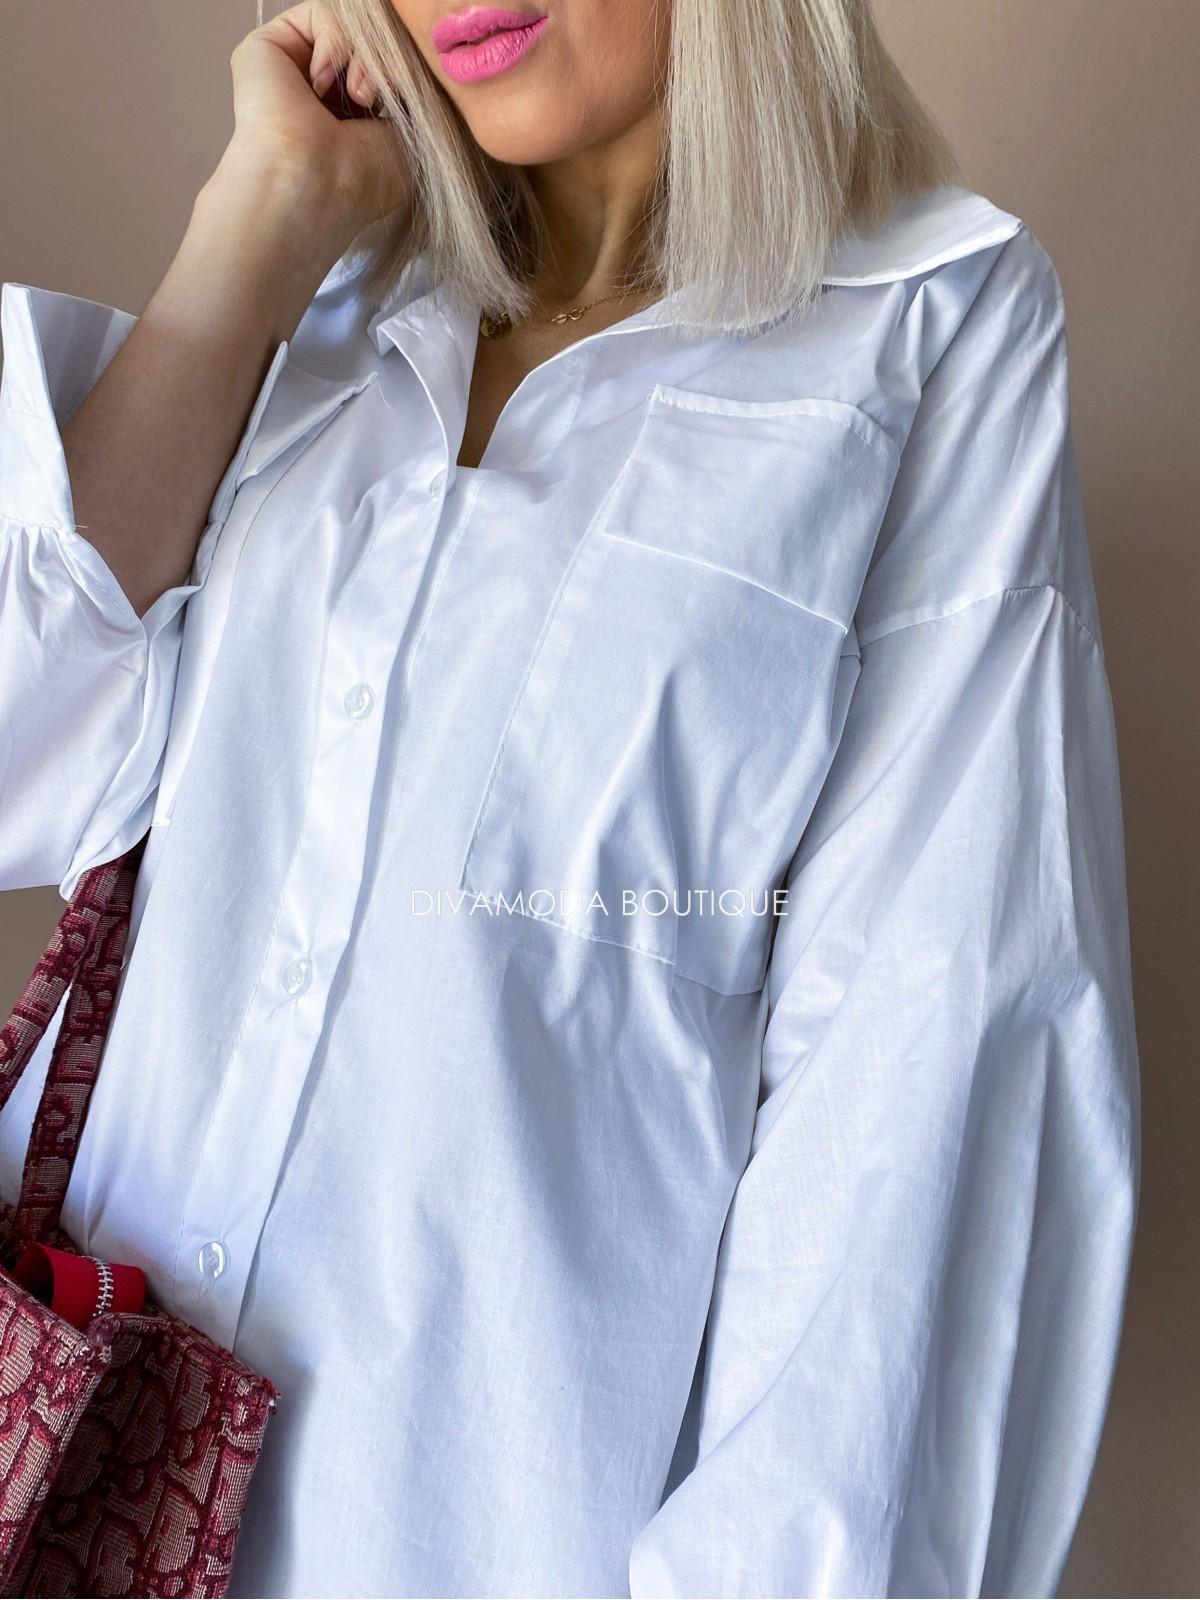 Predĺžená košeľa biela Ada D 247